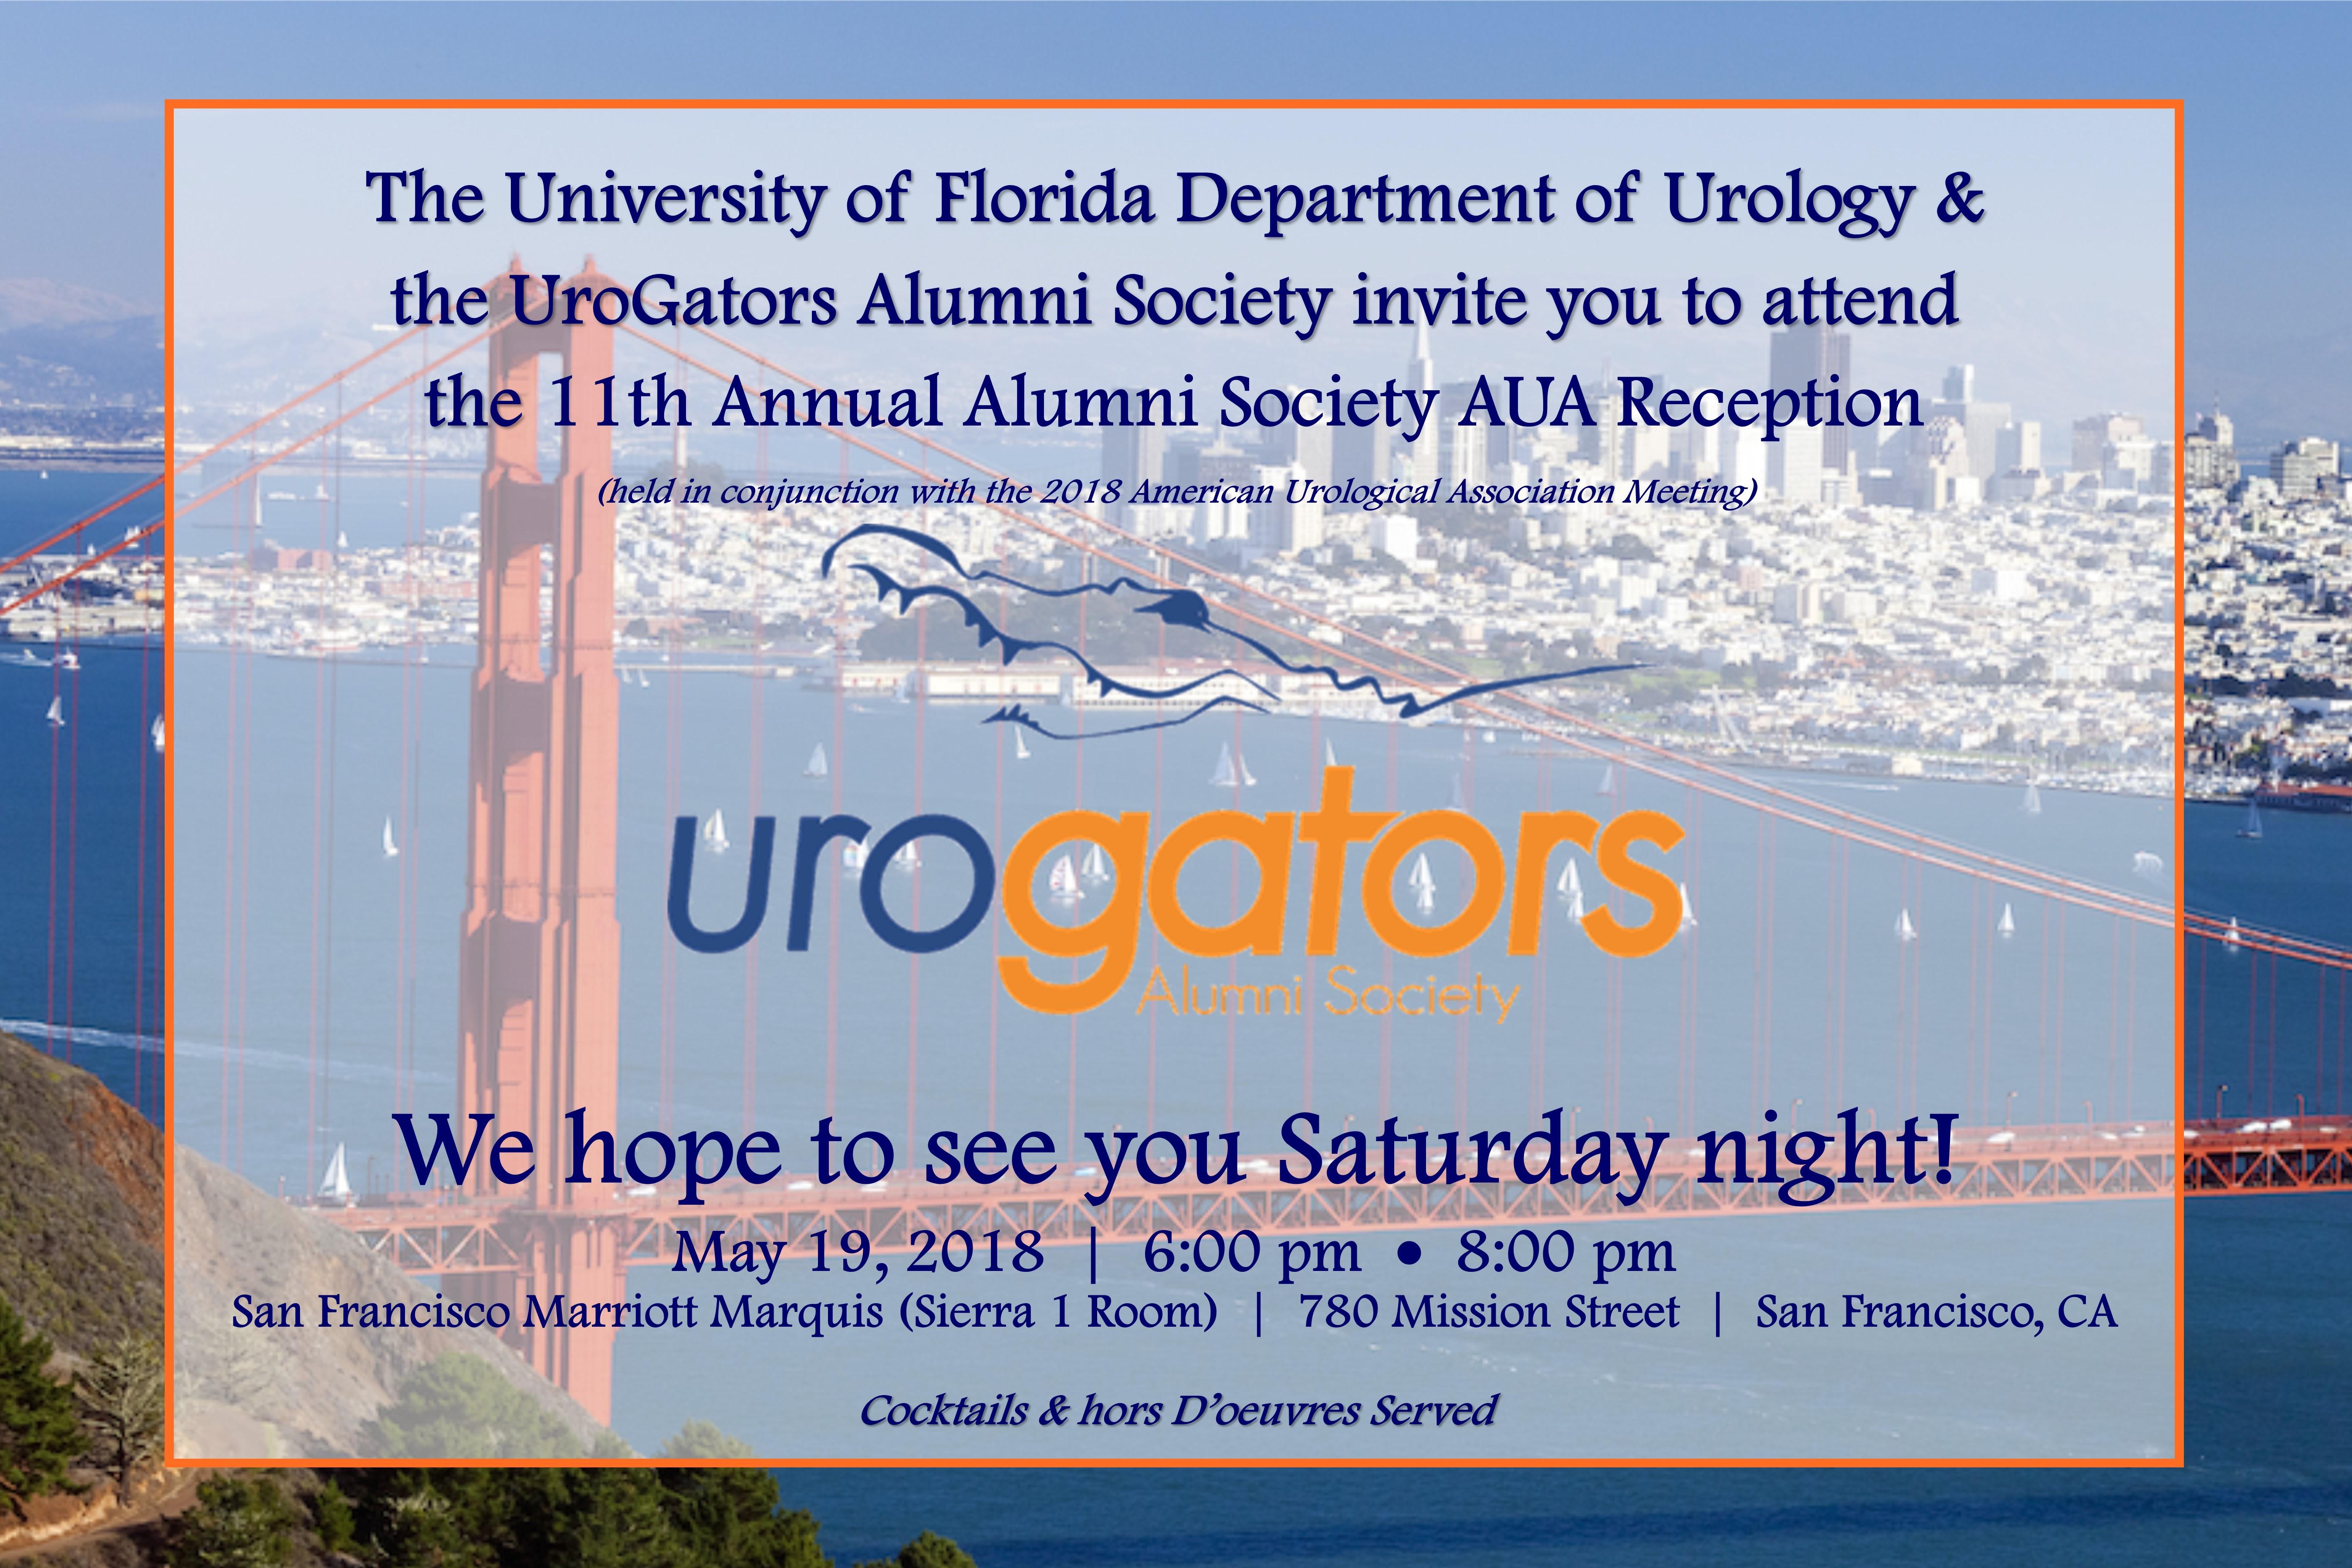 welcome invite to the 11th annual uf/urogators alumni reception